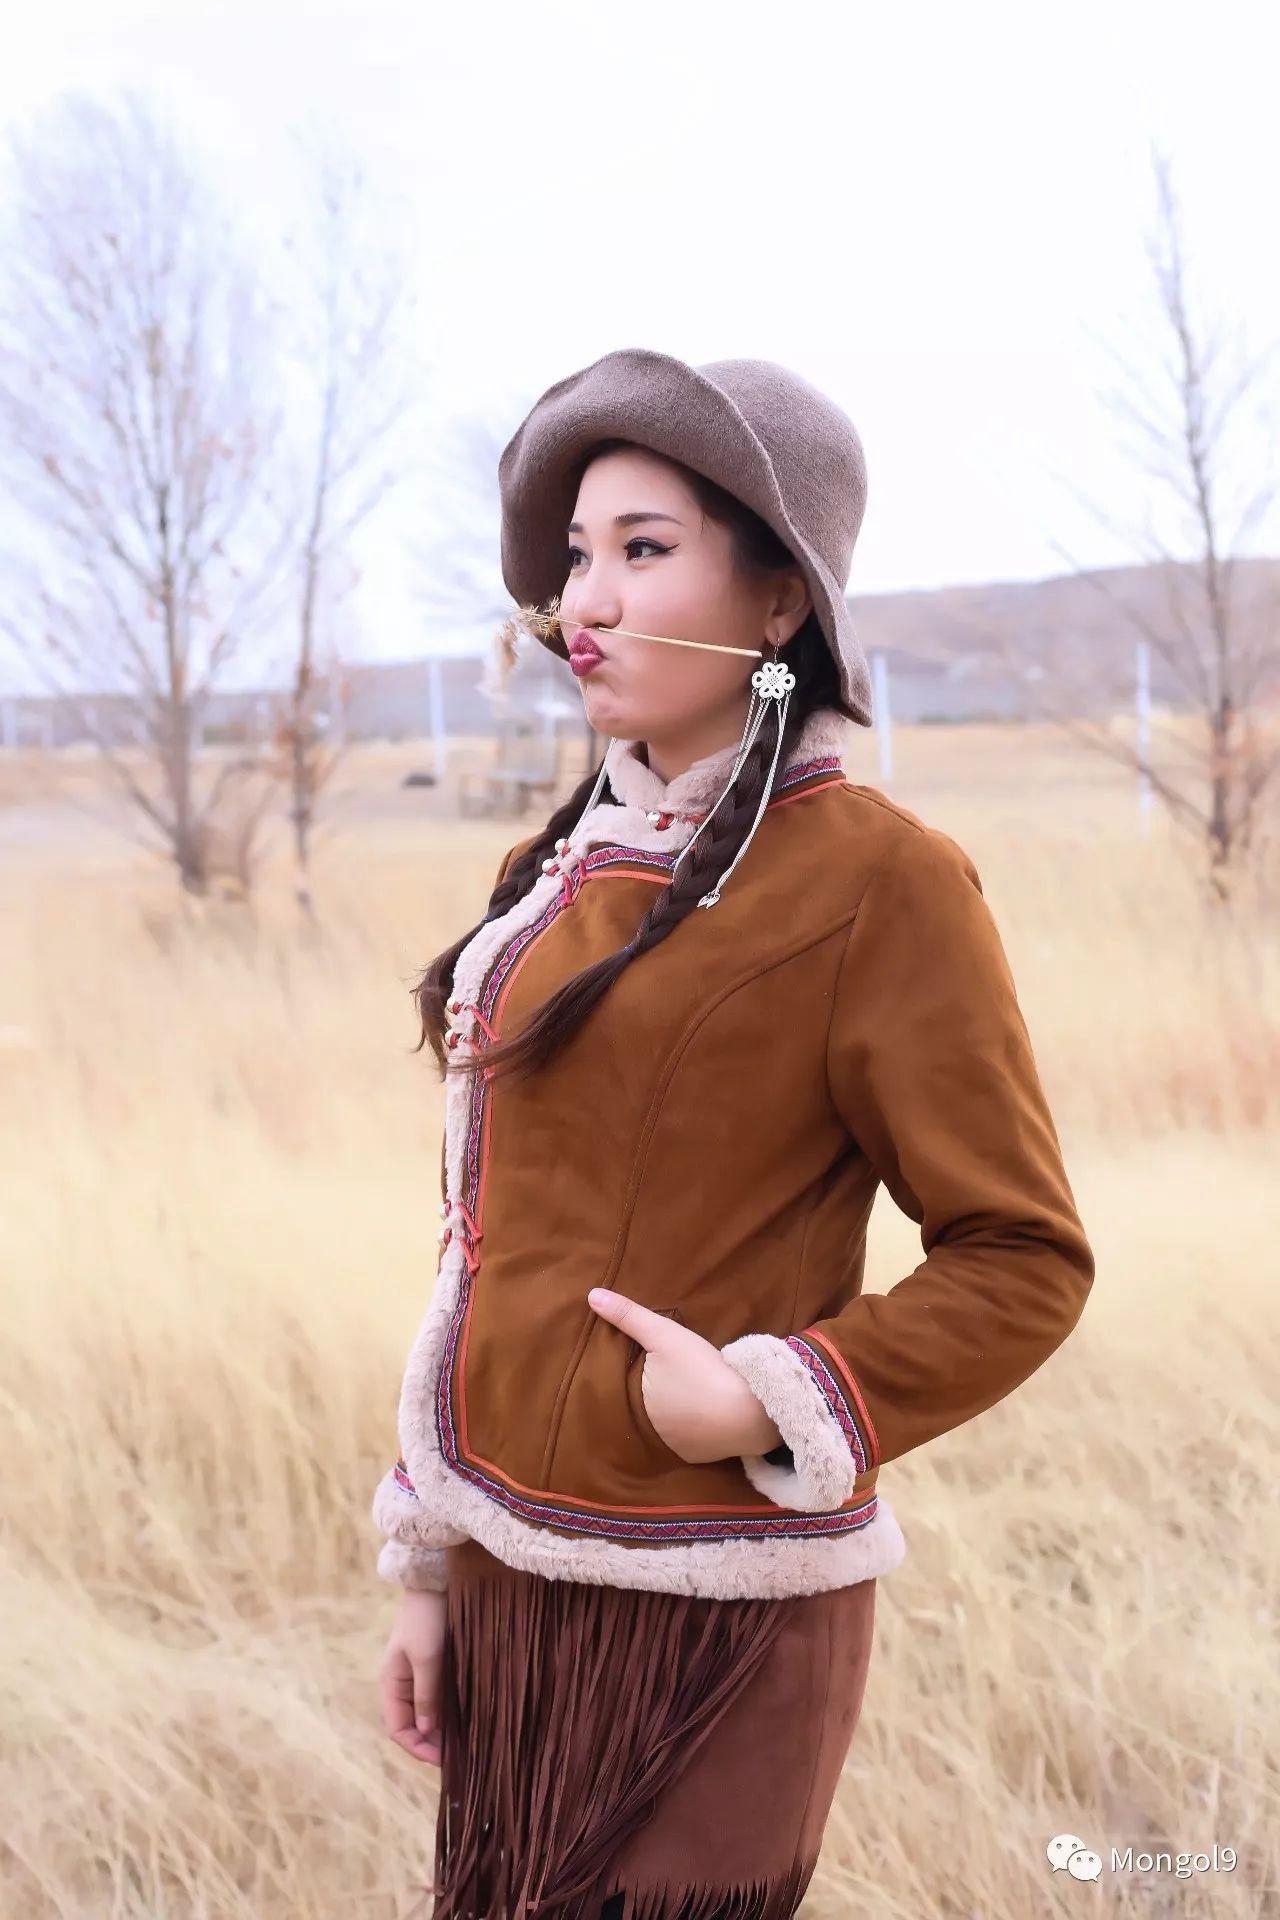 为我的蒙古闺蜜们而设计 第8张 为我的蒙古闺蜜们而设计 蒙古服饰